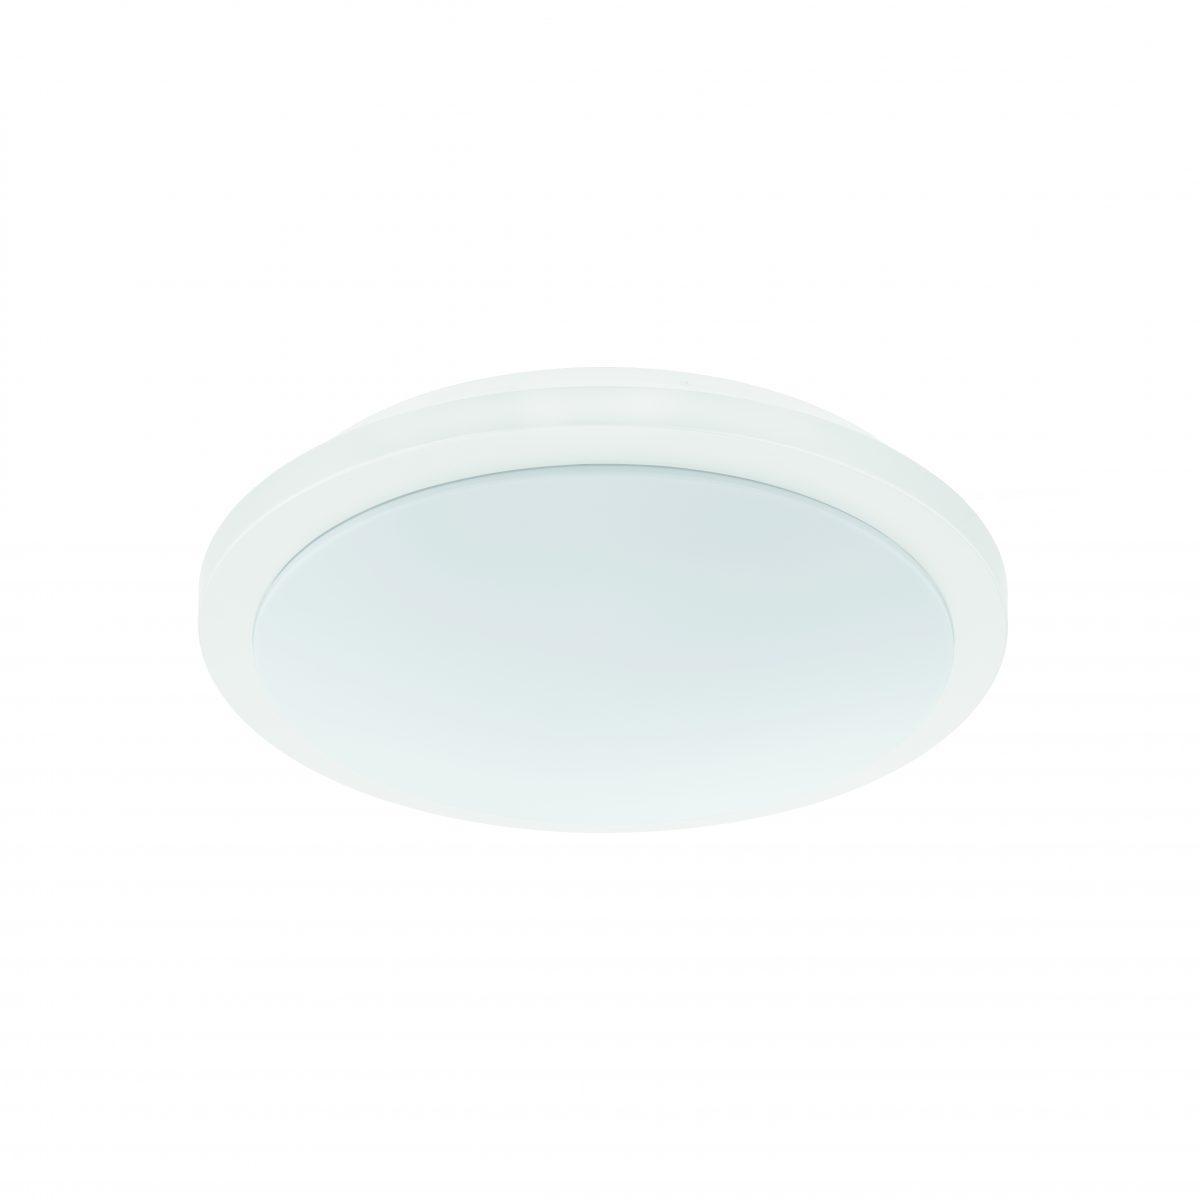 Світильник настінно-стельовий COMPETA-ST EGLO 97322